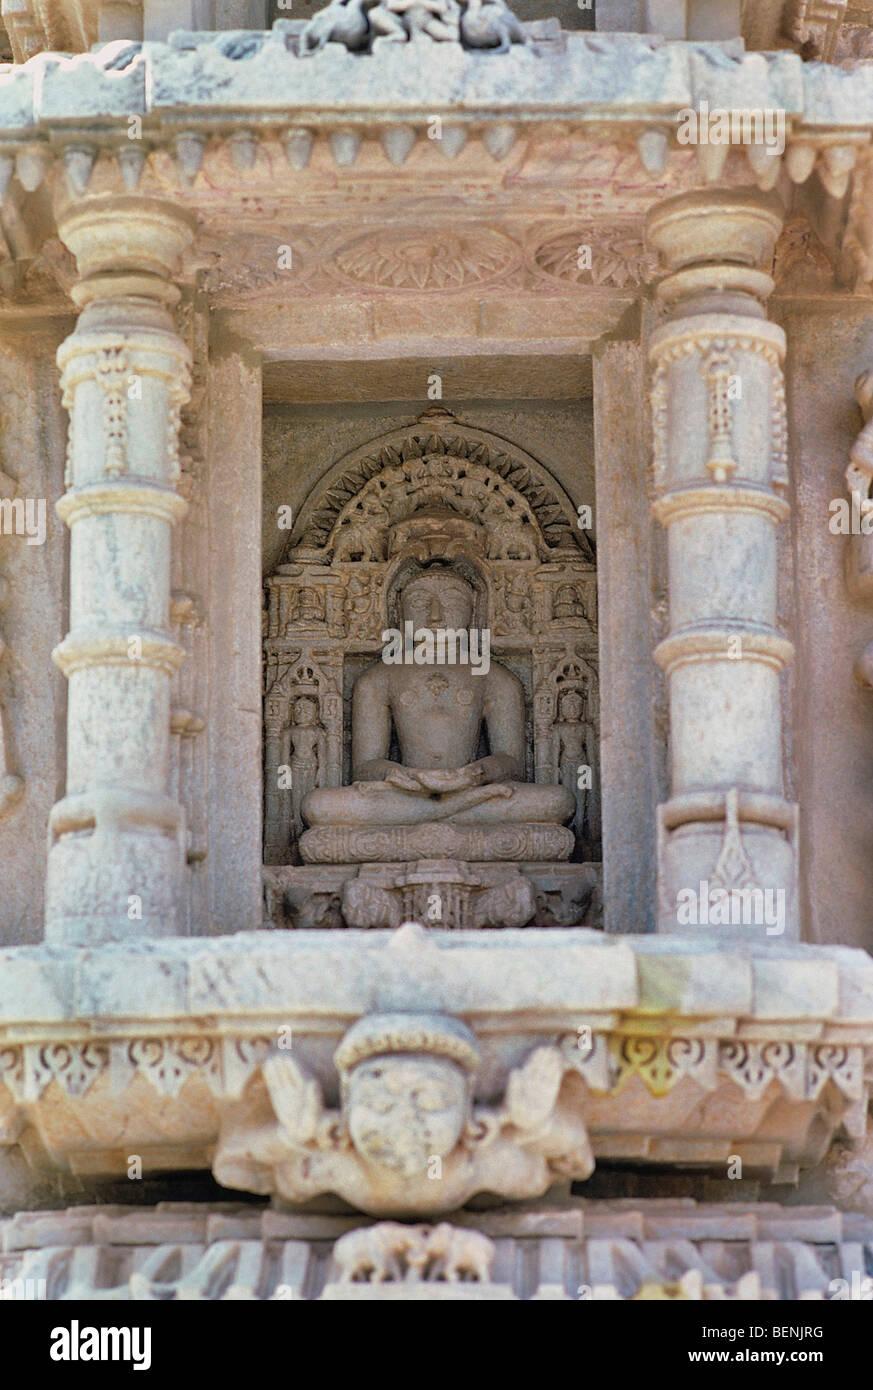 mahavir swami nirvana place